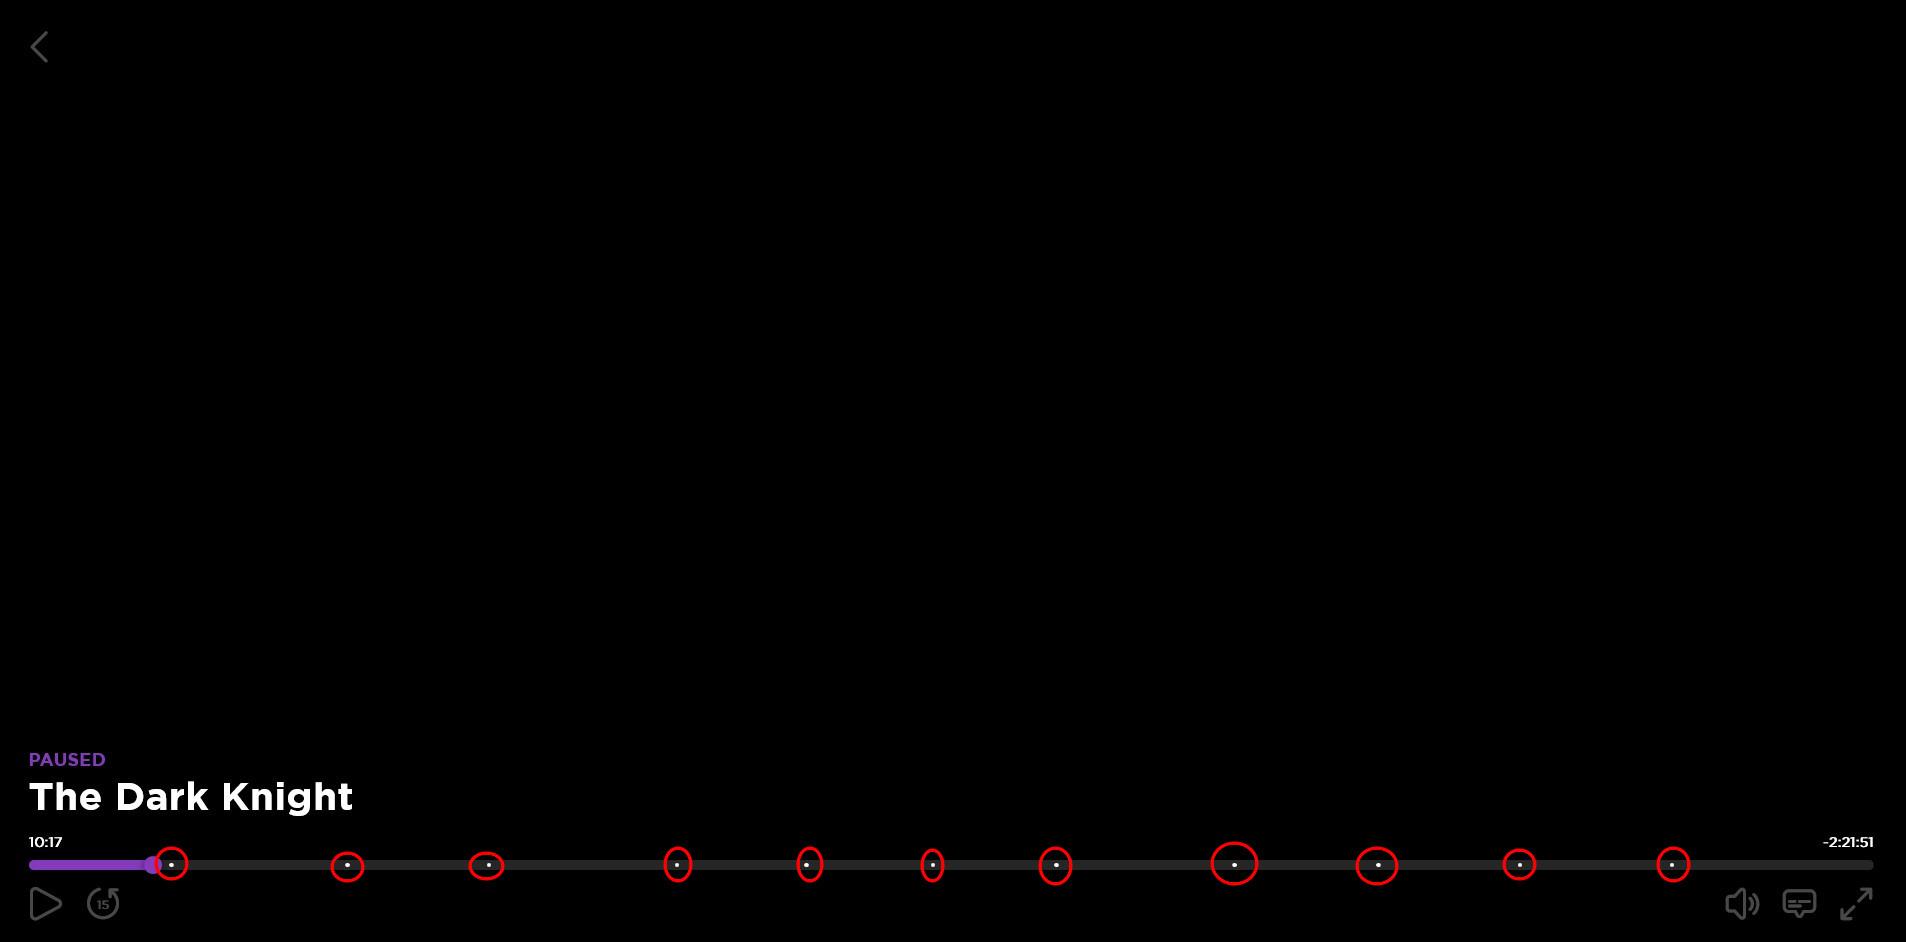 Обзор канала Roku: бесплатный контент на вашем потоковом устройстве